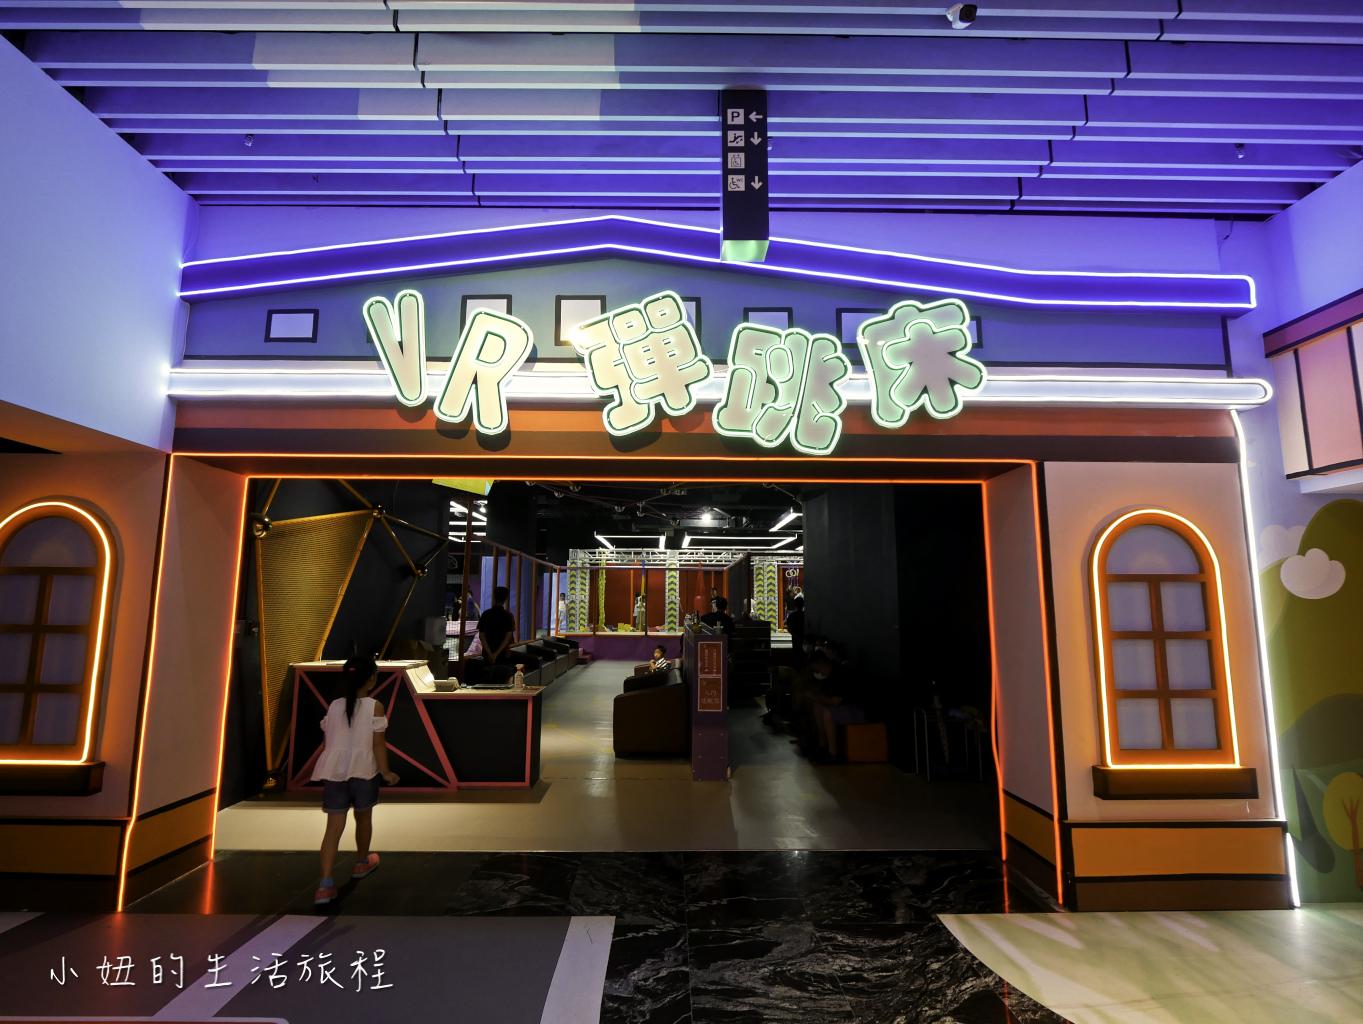 大里藝術廣場,異想新樂園-38.jpg